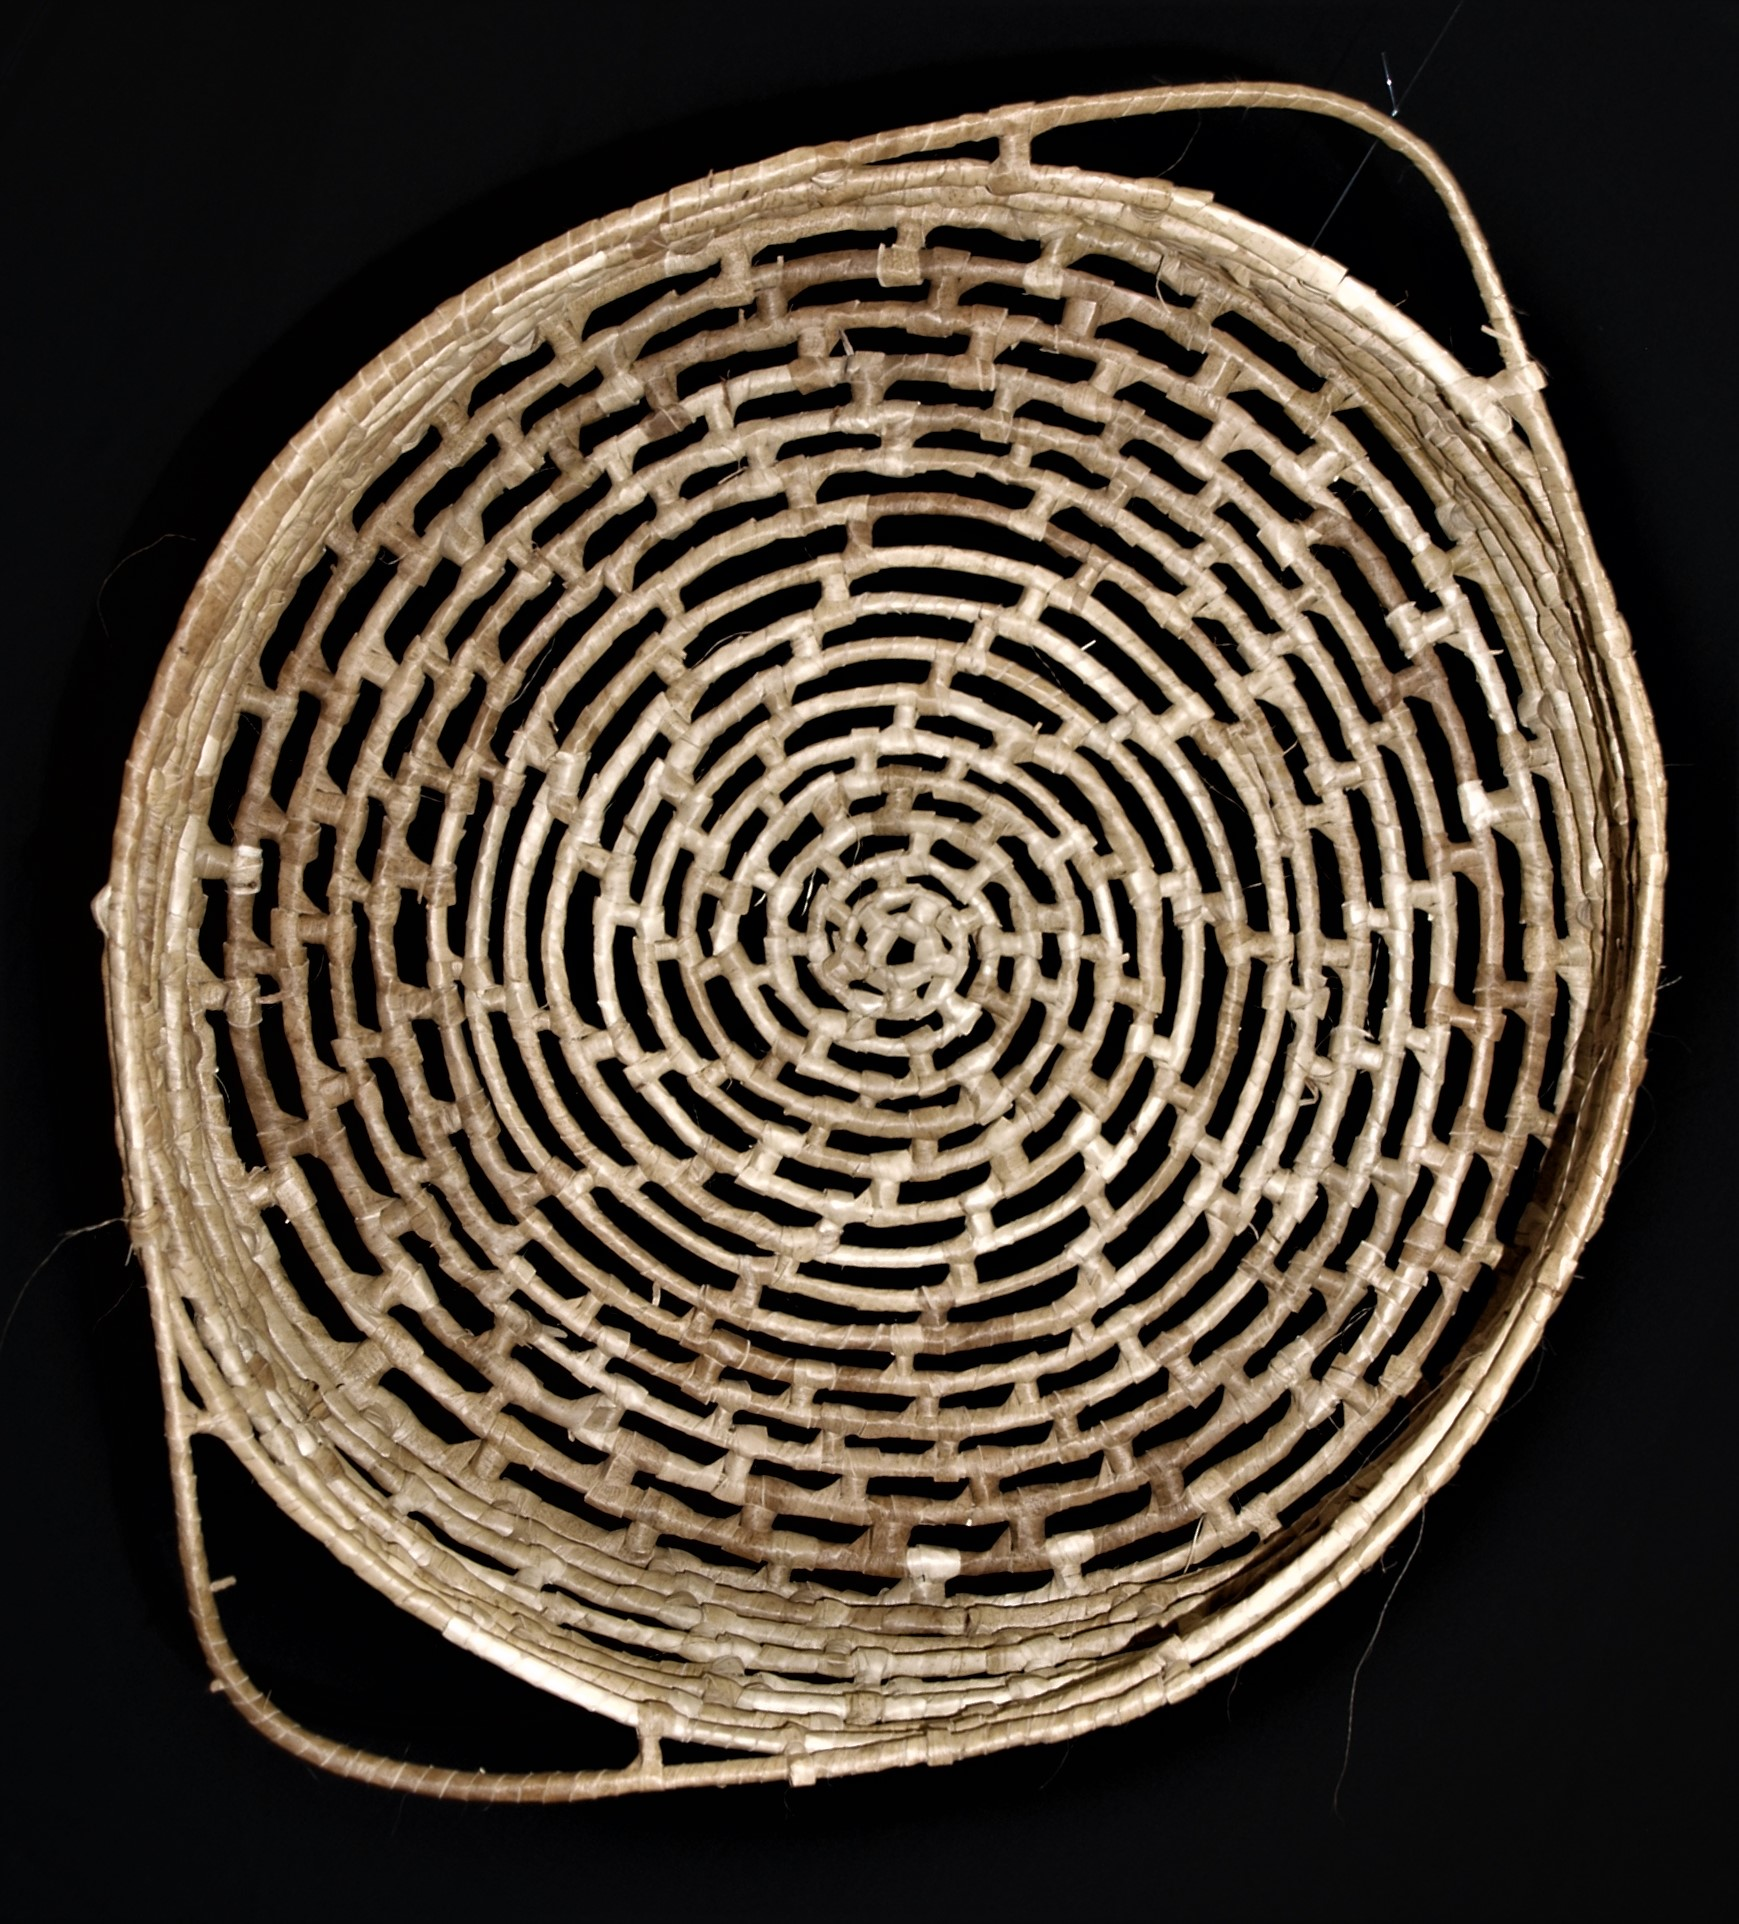 coil-basket-ambae